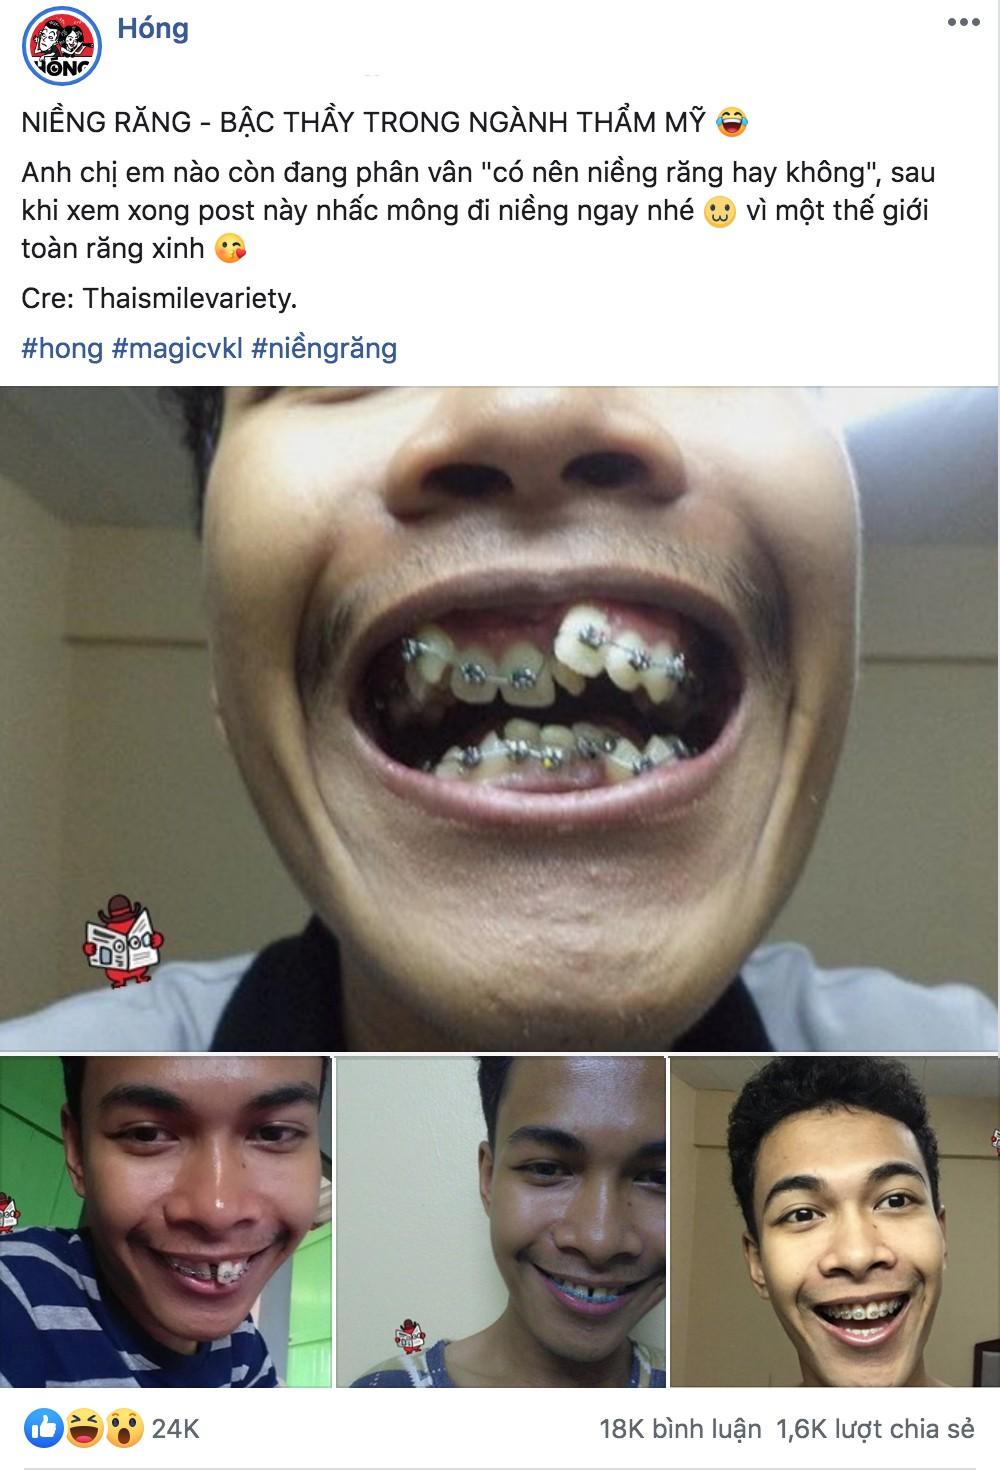 Sau pha niềng răng chấn động MXH, nhiều bạn trẻ không ngại chia sẻ hình ảnh vịt hoá thiên nga với hàm răng của mình - Ảnh 1.